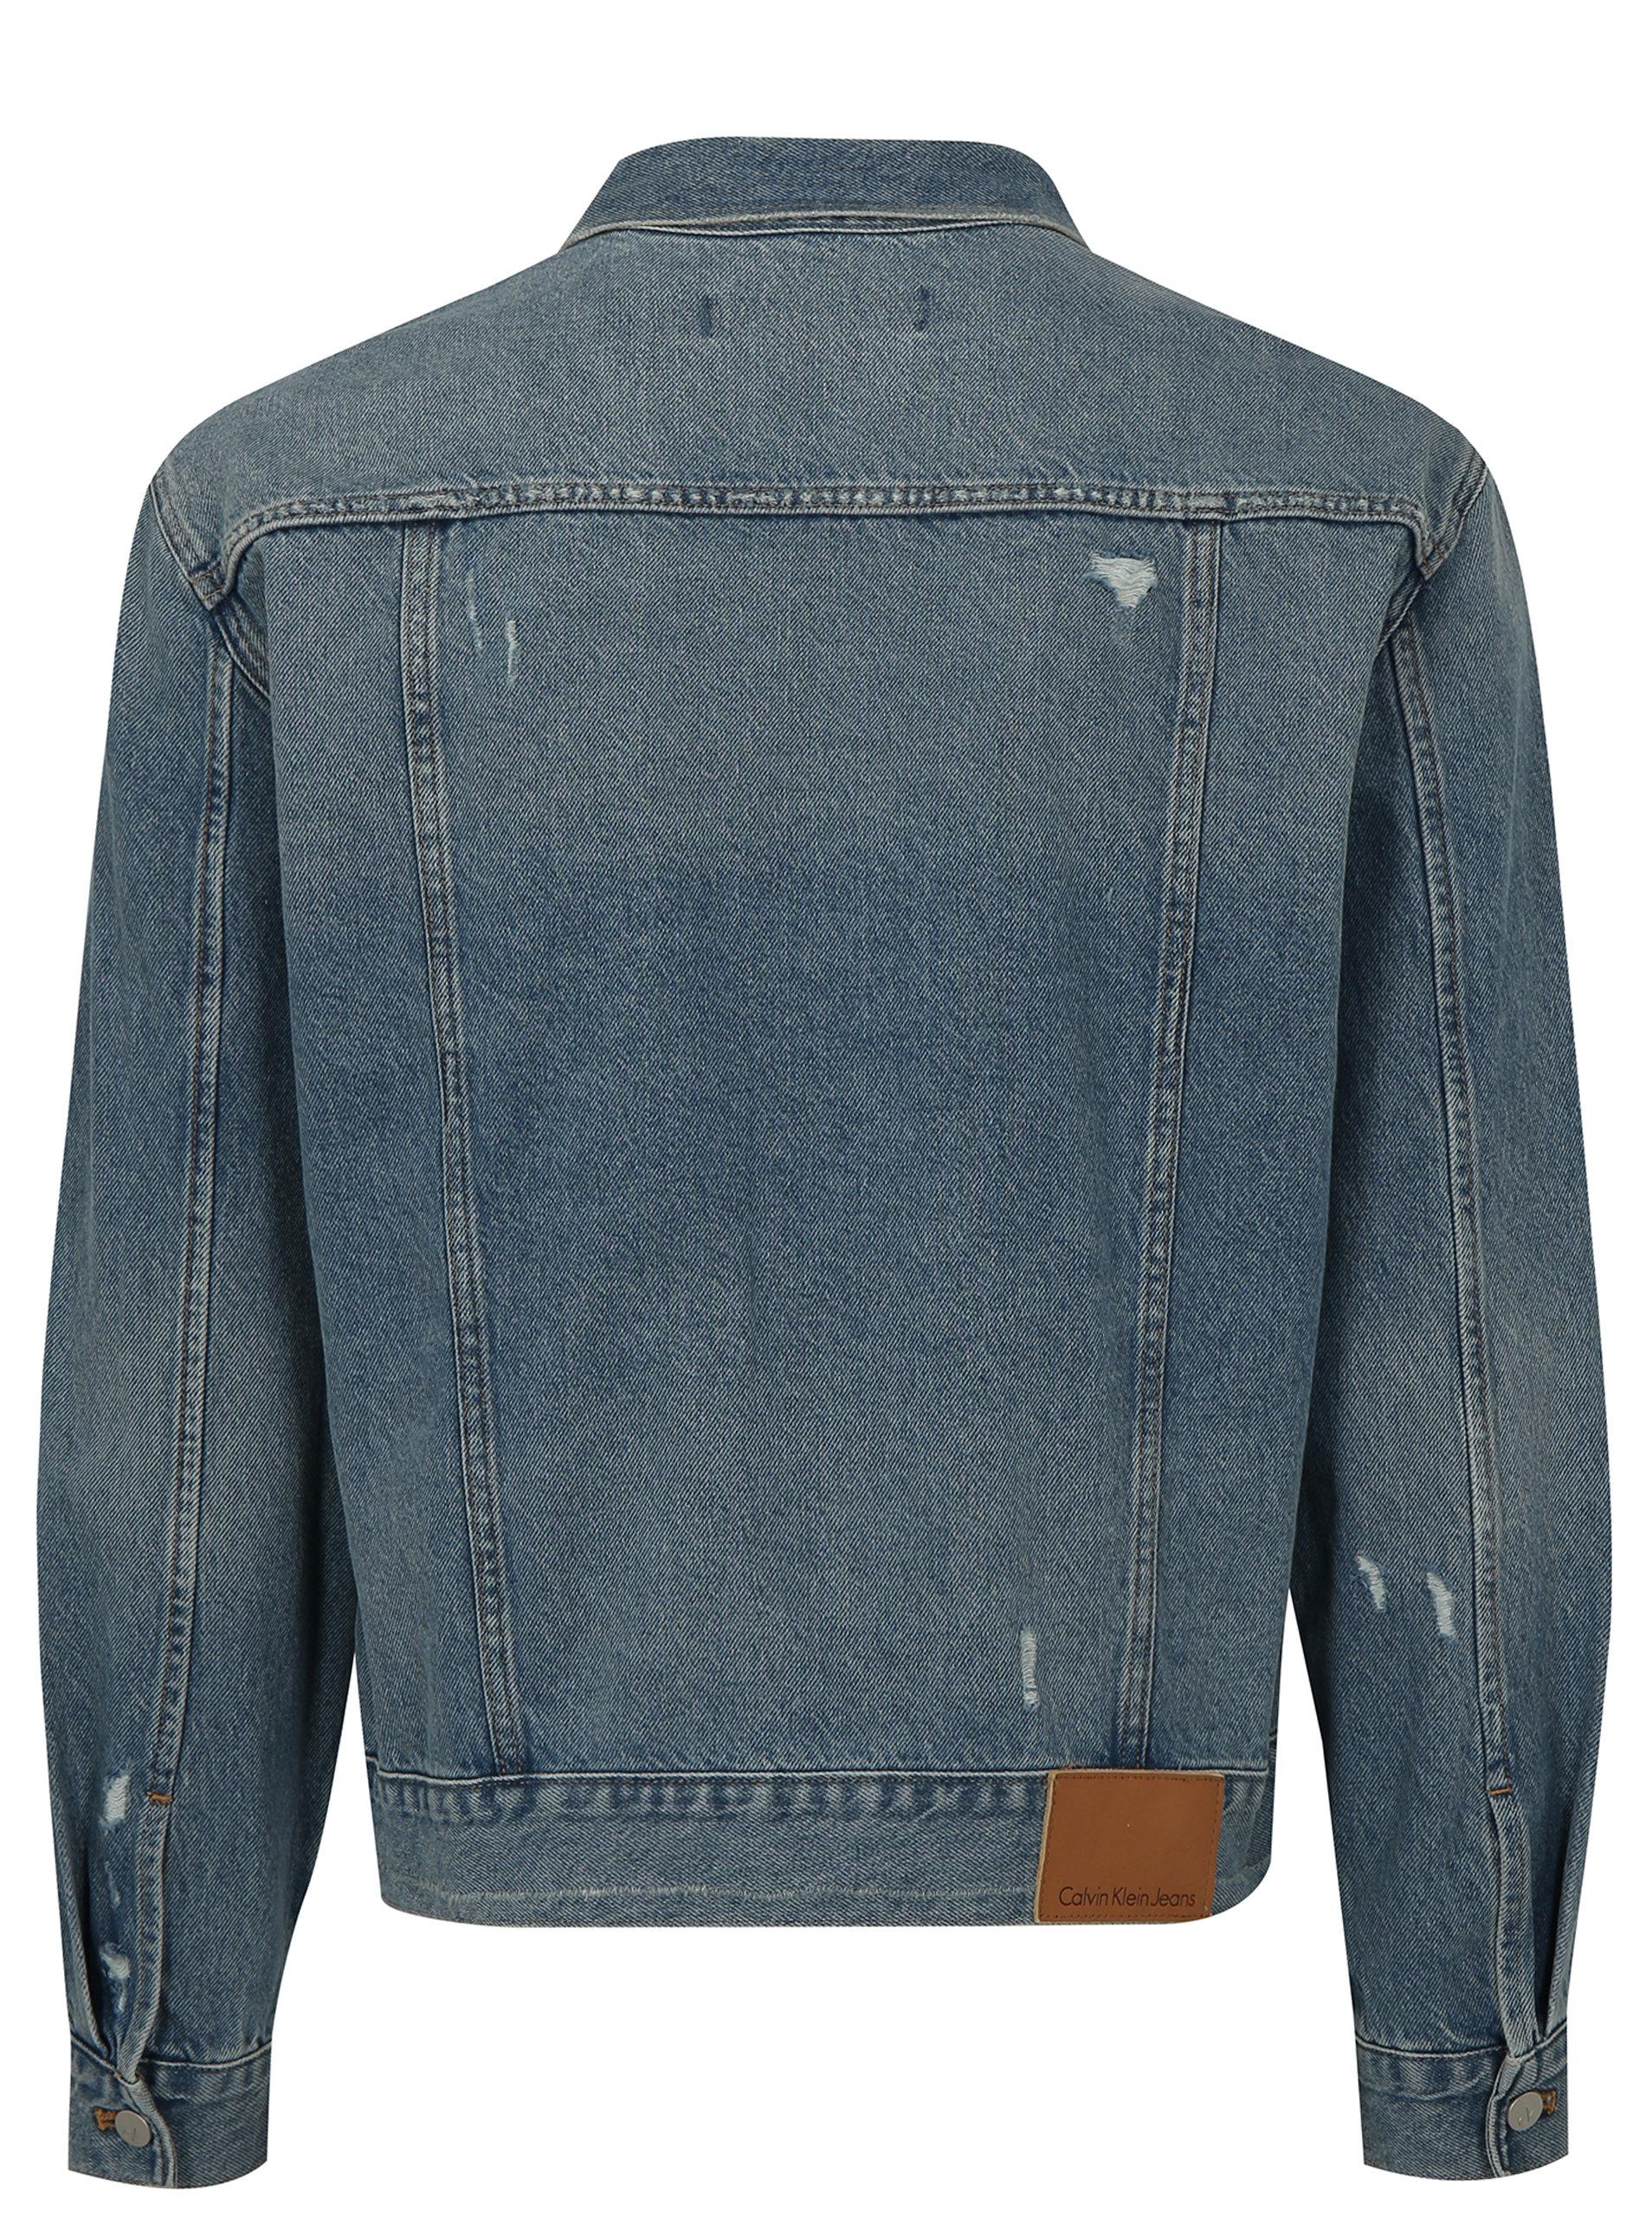 Modrá pánska rifľová bunda Calvin Klein Jeans ... ee9b182068f